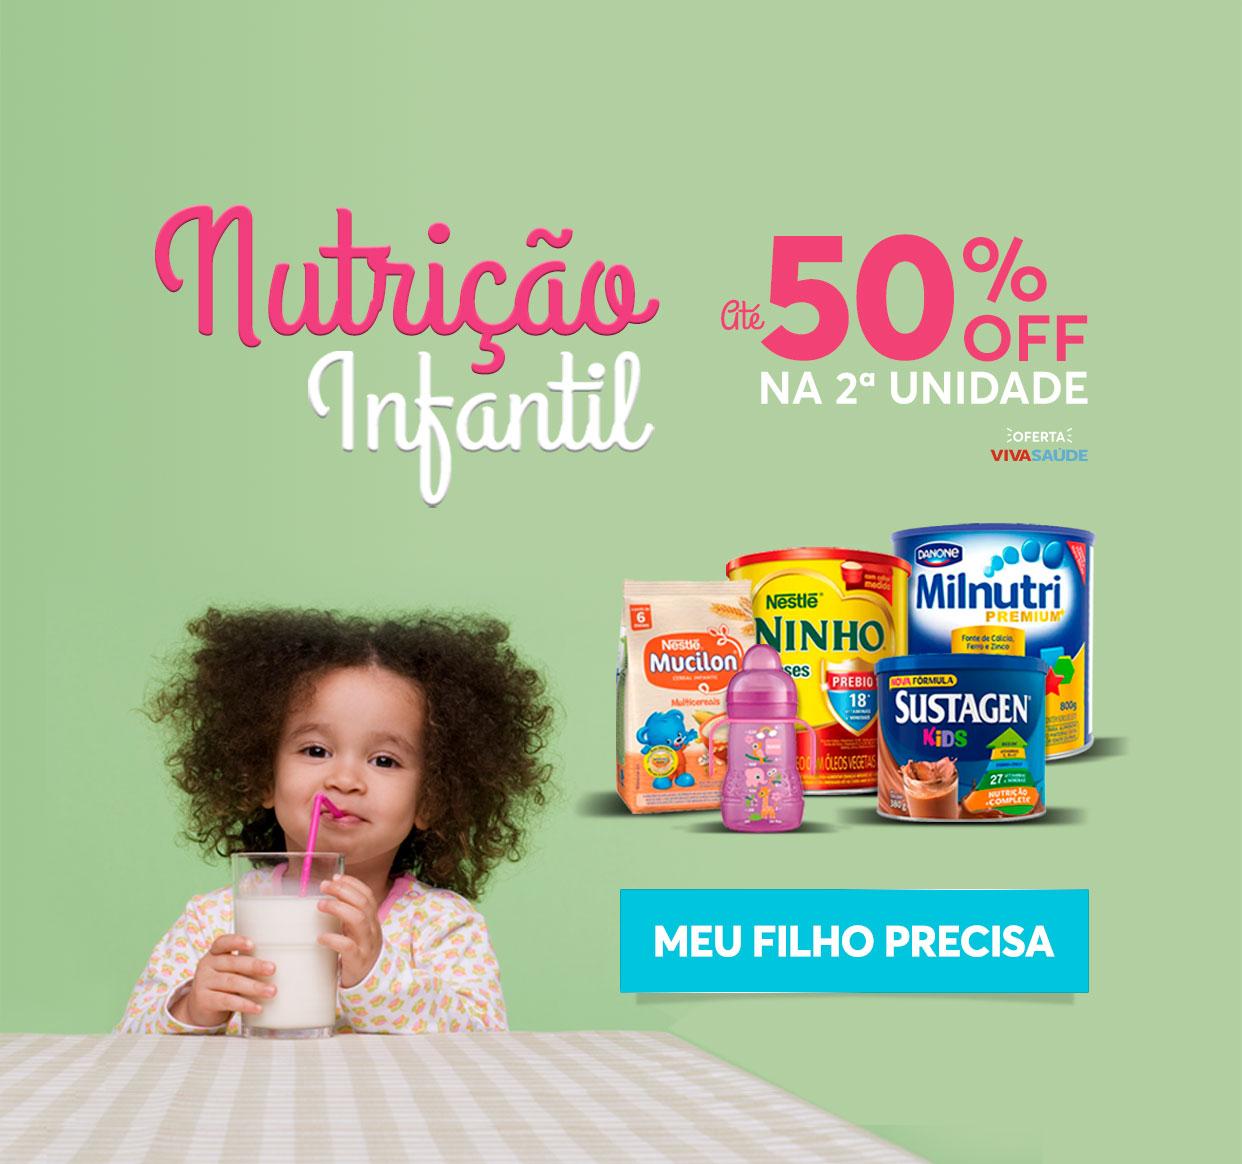 MOBILE Nutricao Infantil